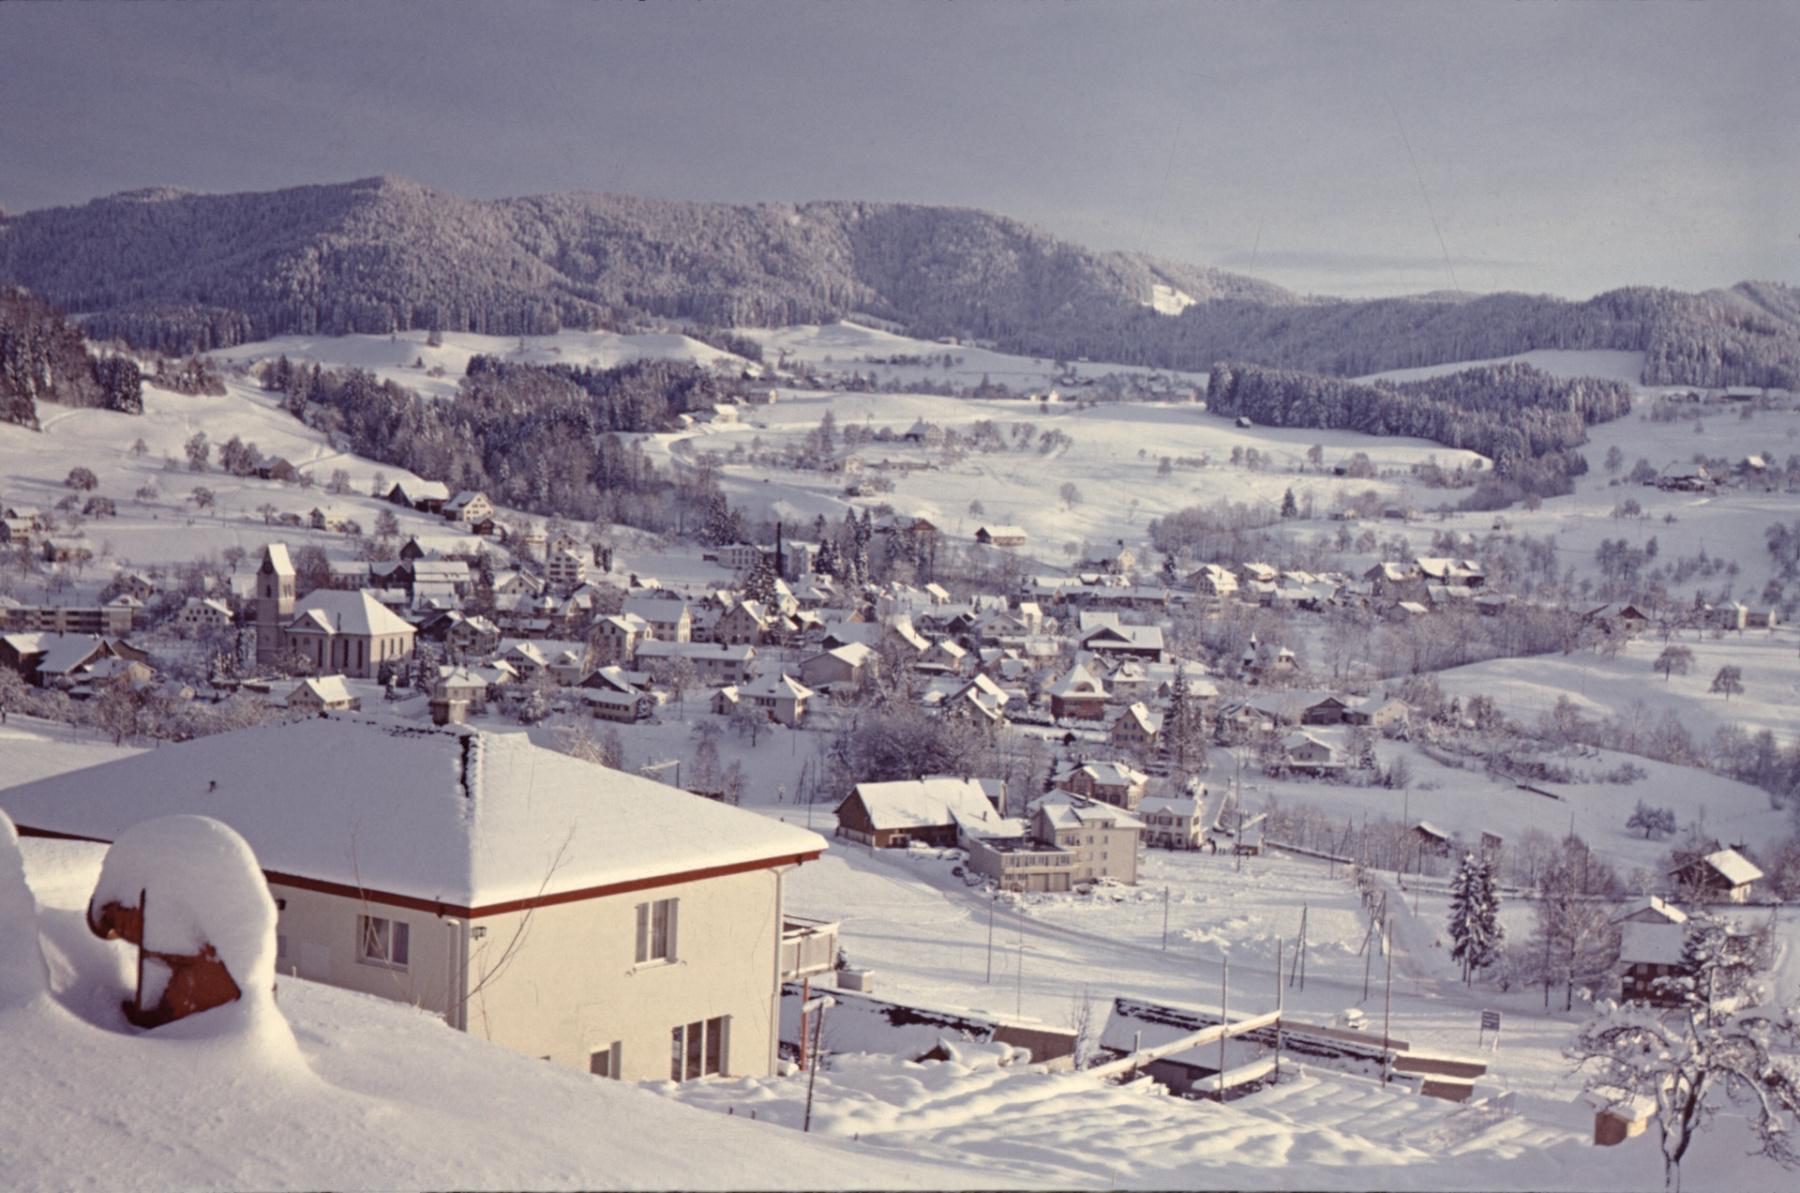 Bäretswil, Blick auf's Dorf vom Aemet aus (Engelsteinstr.20), Belmag Haus Klara Vogt (Baujahr 1967)